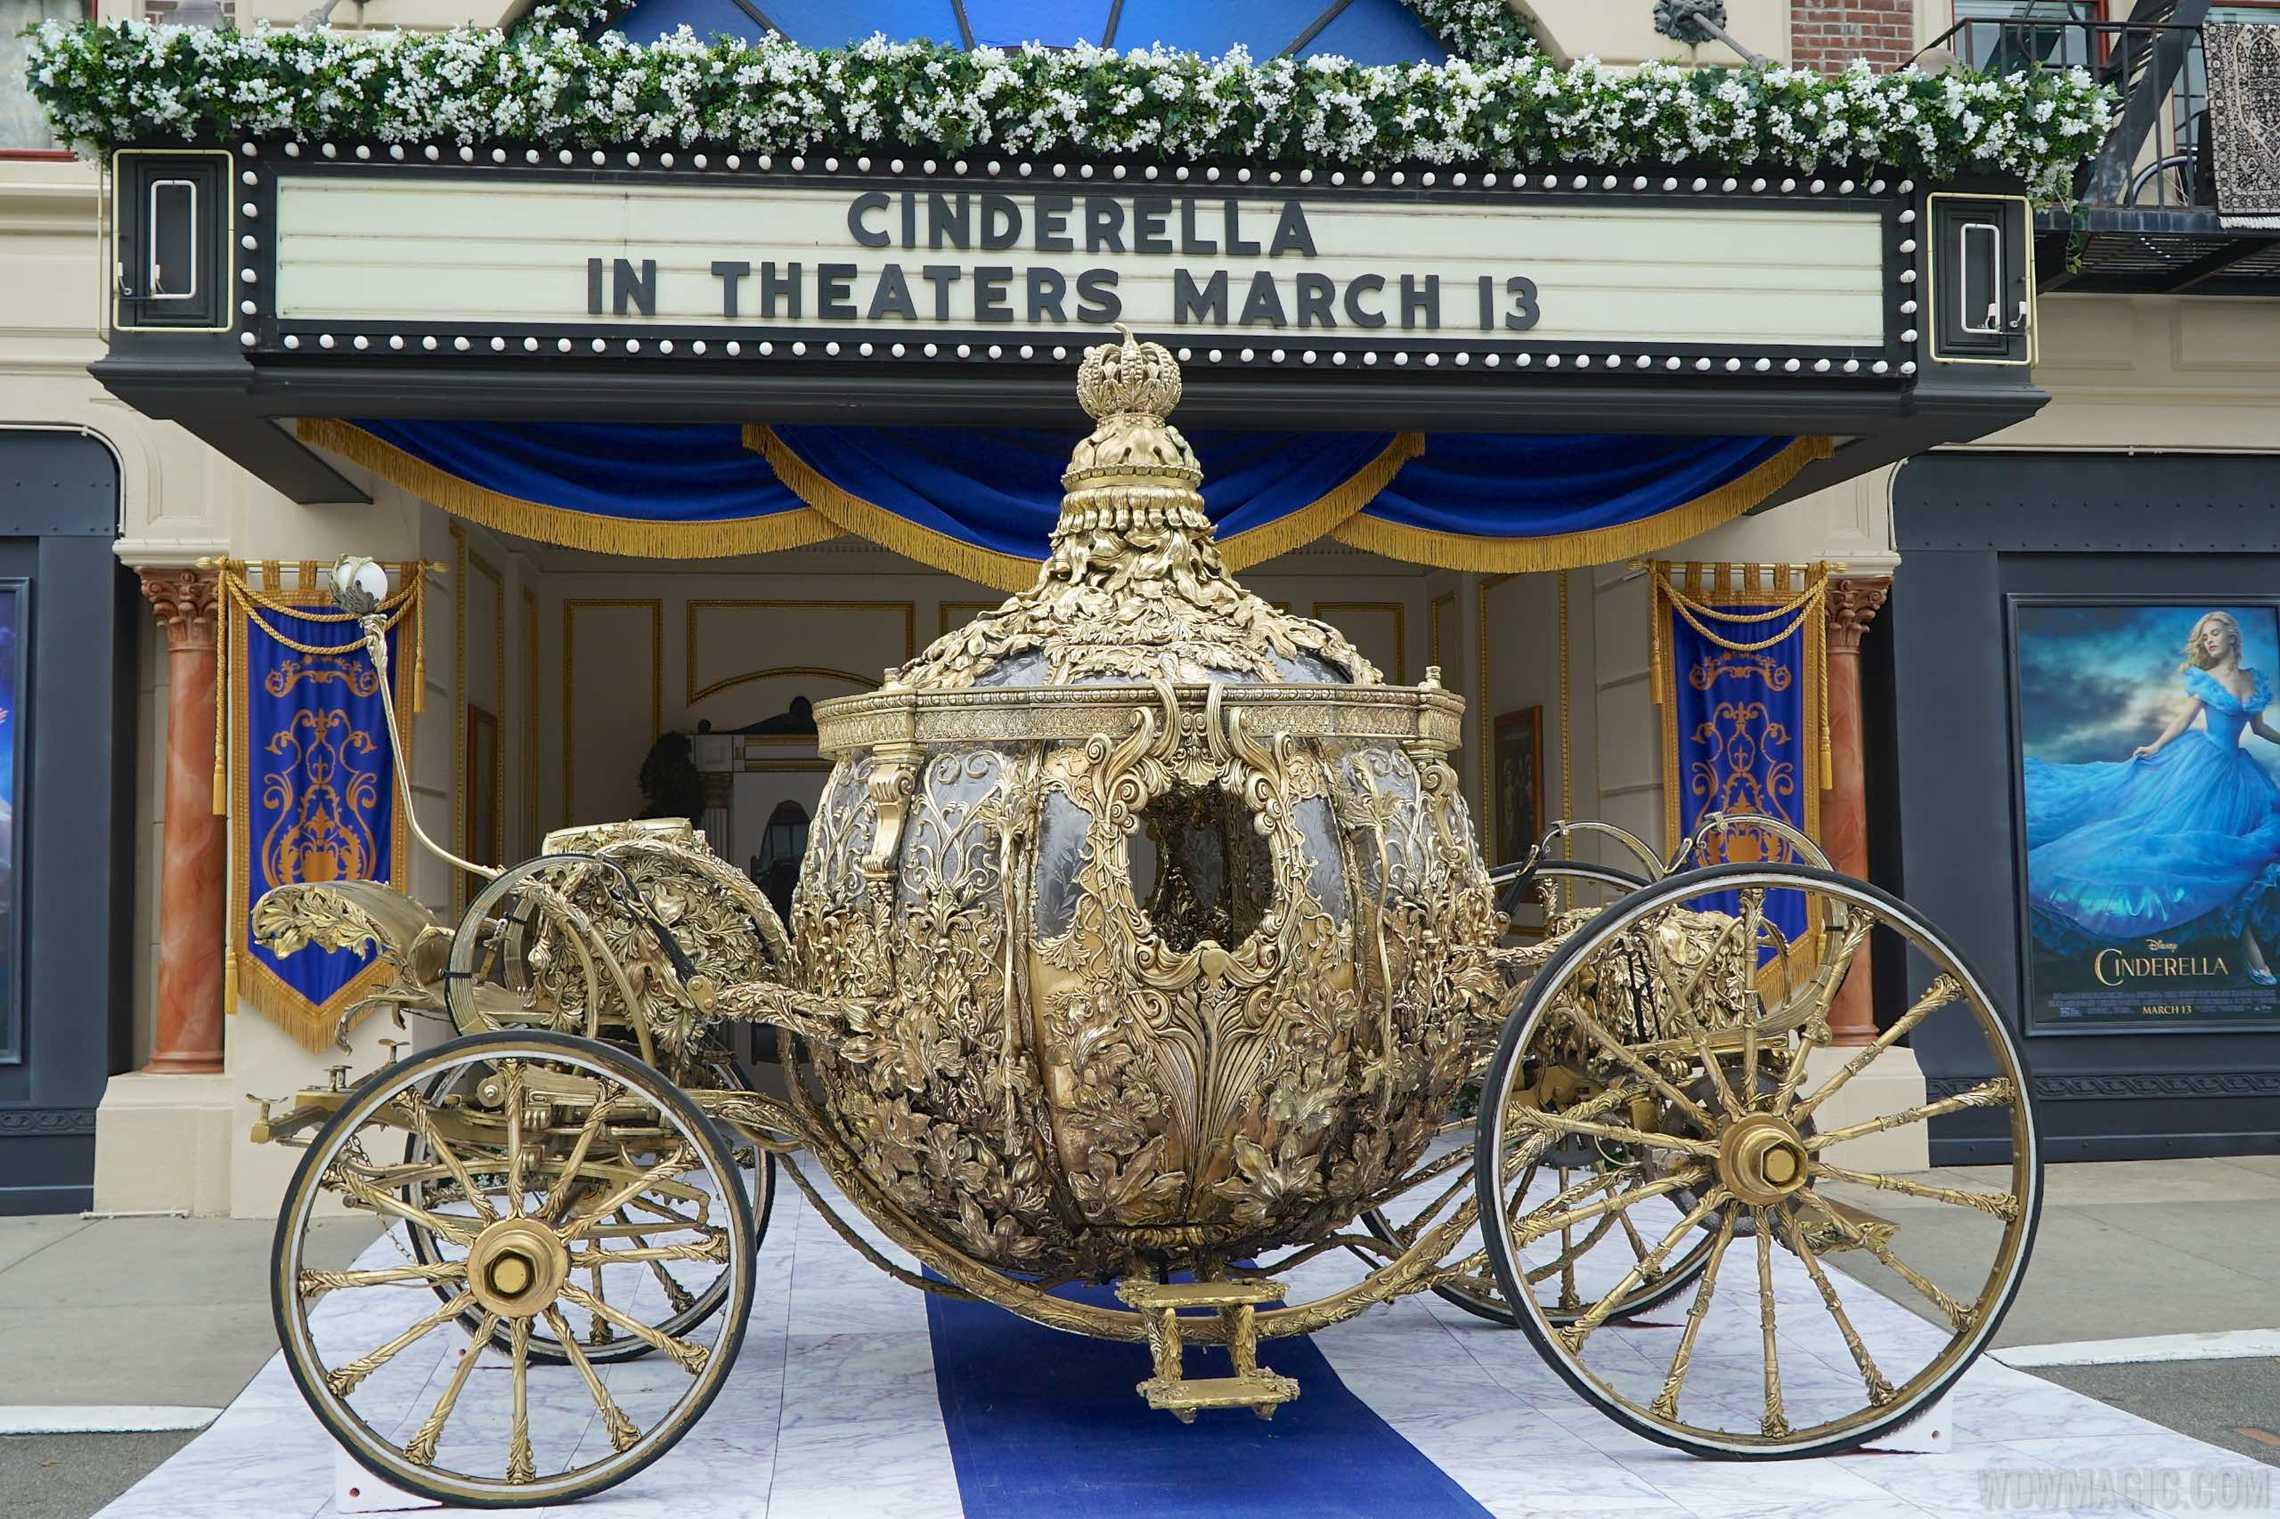 Cinderella Golden Coach movie prop